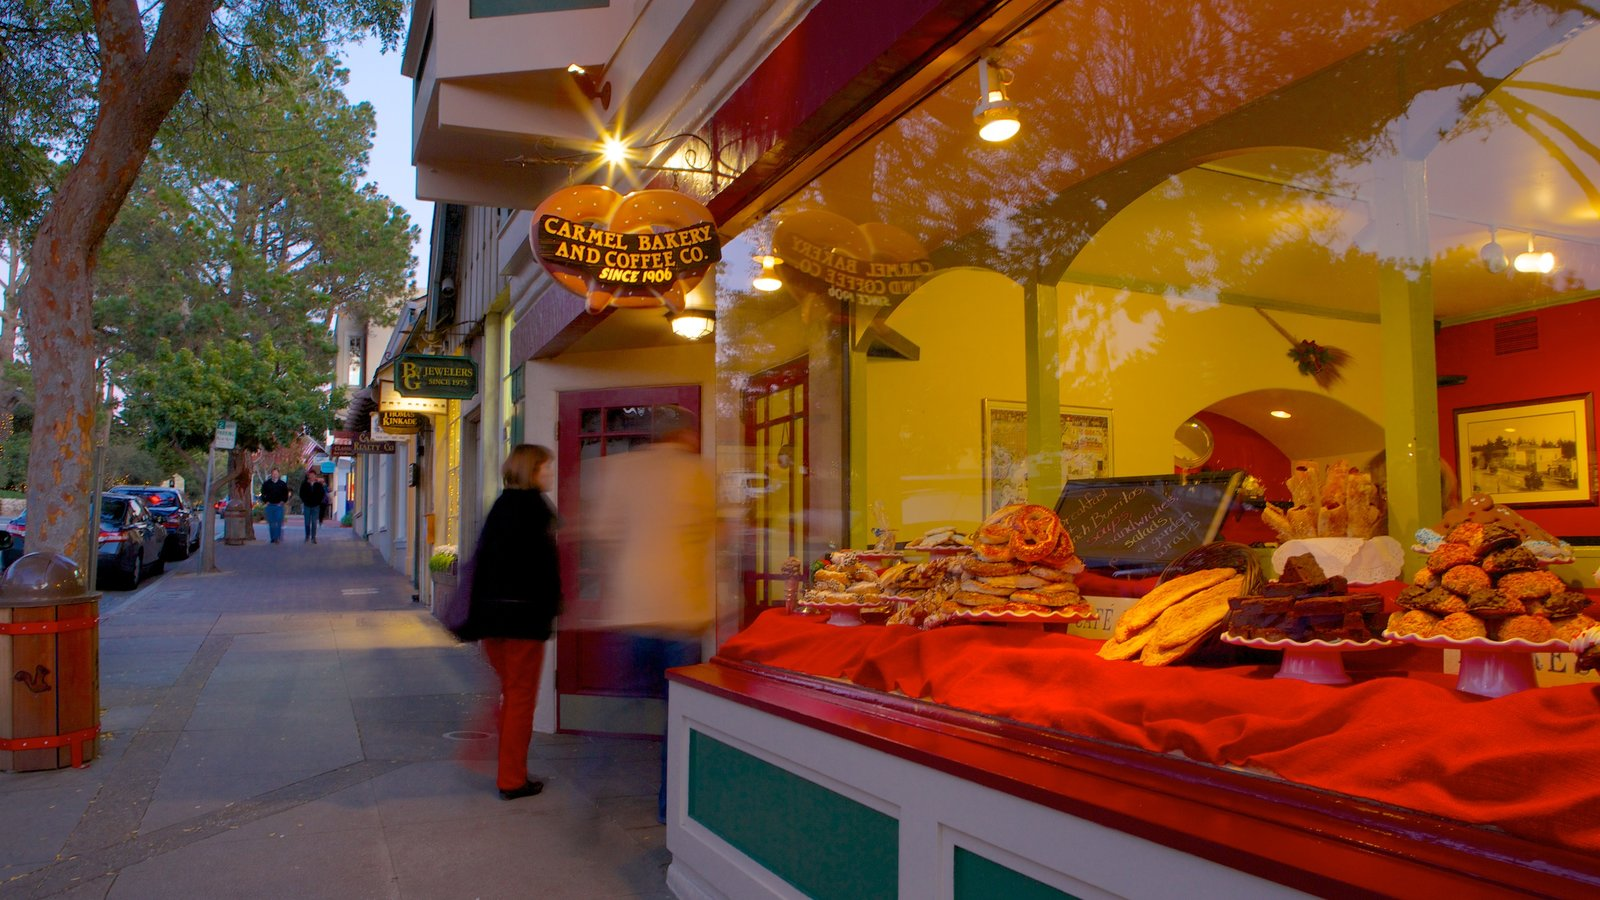 Carmel que incluye comida, una ciudad y escenas urbanas